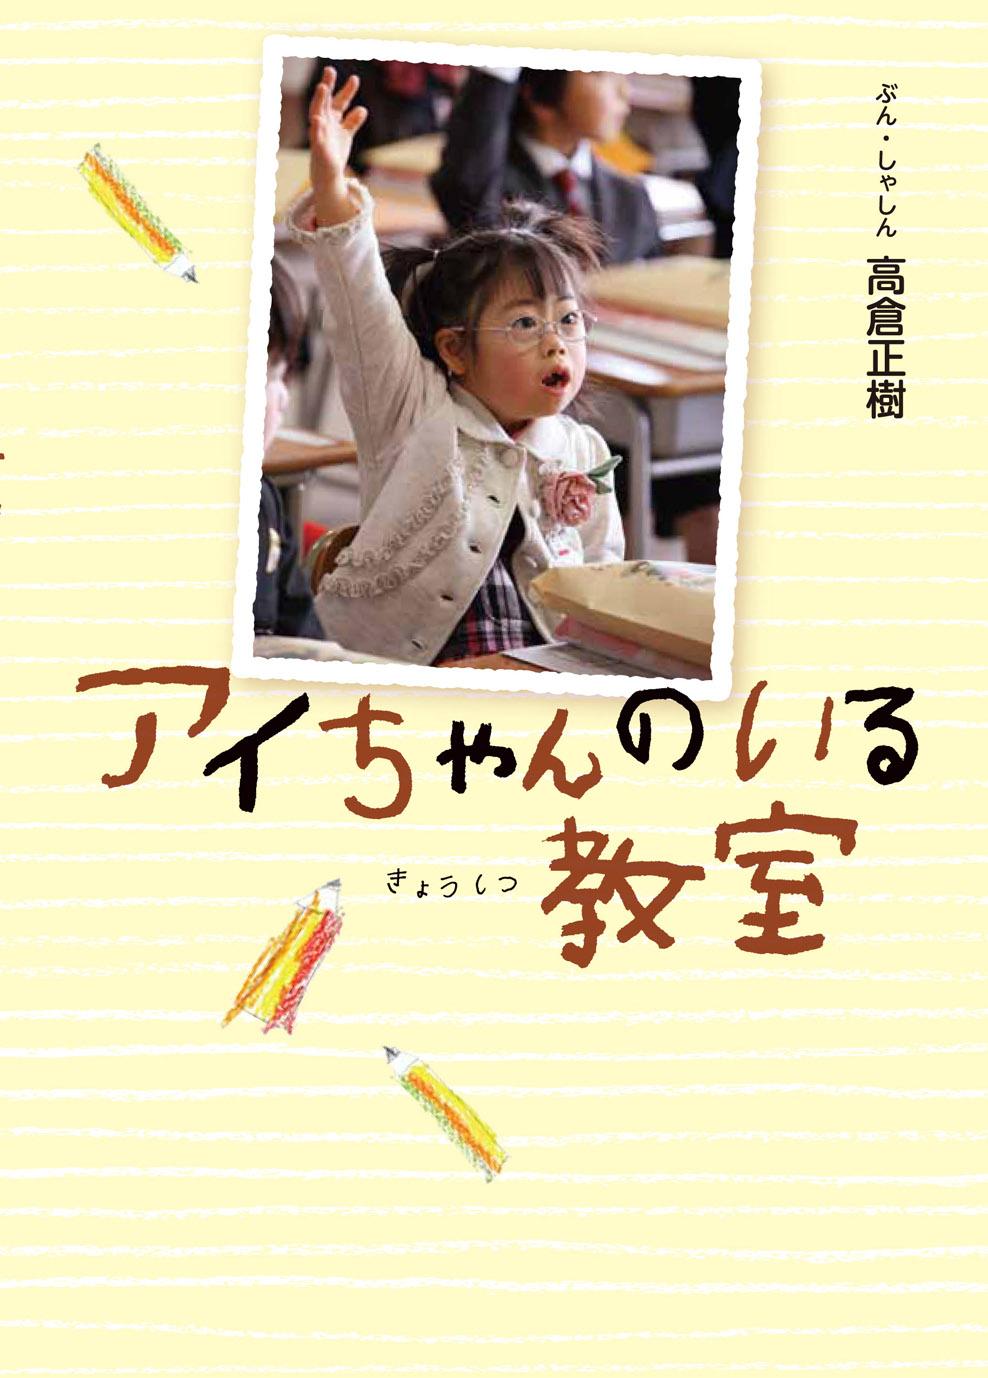 「アイちゃんのいる教室」高倉正樹さん講演会「アイちゃんの教室」と6年間過ごして